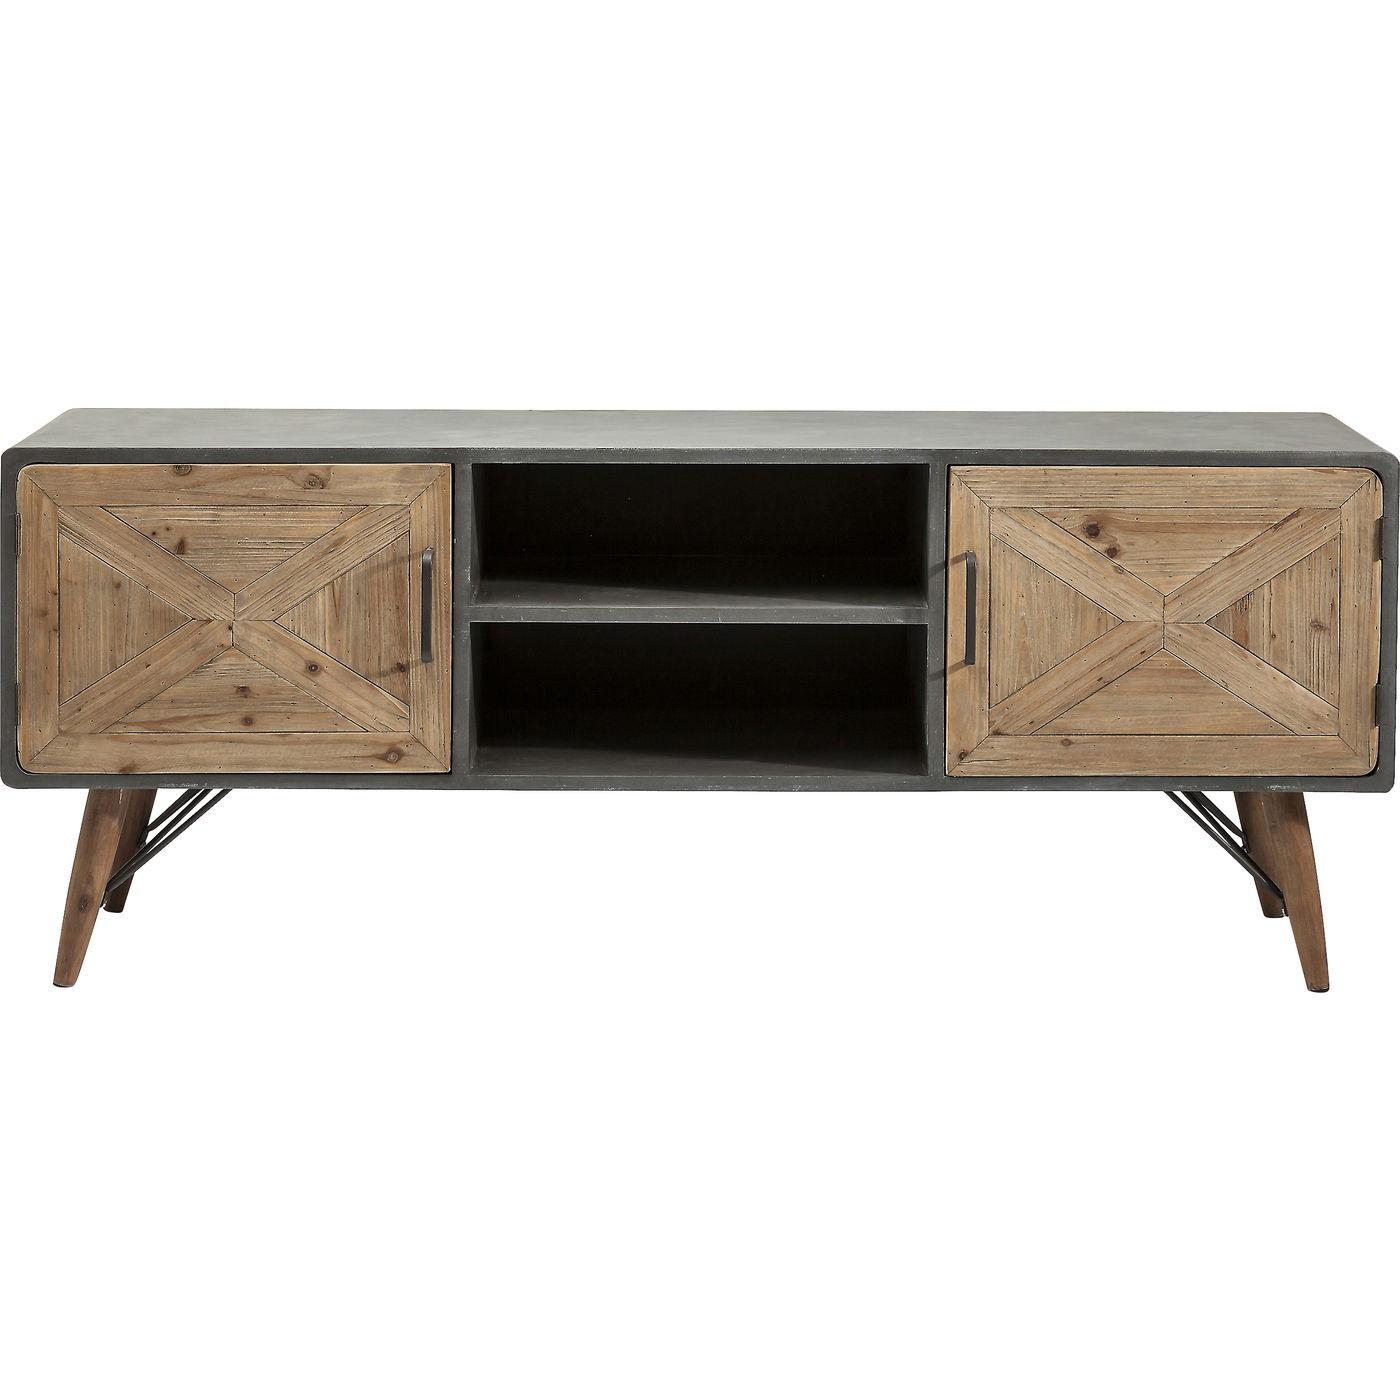 Meuble TV industriel 2 portes en bois imitation béton gris